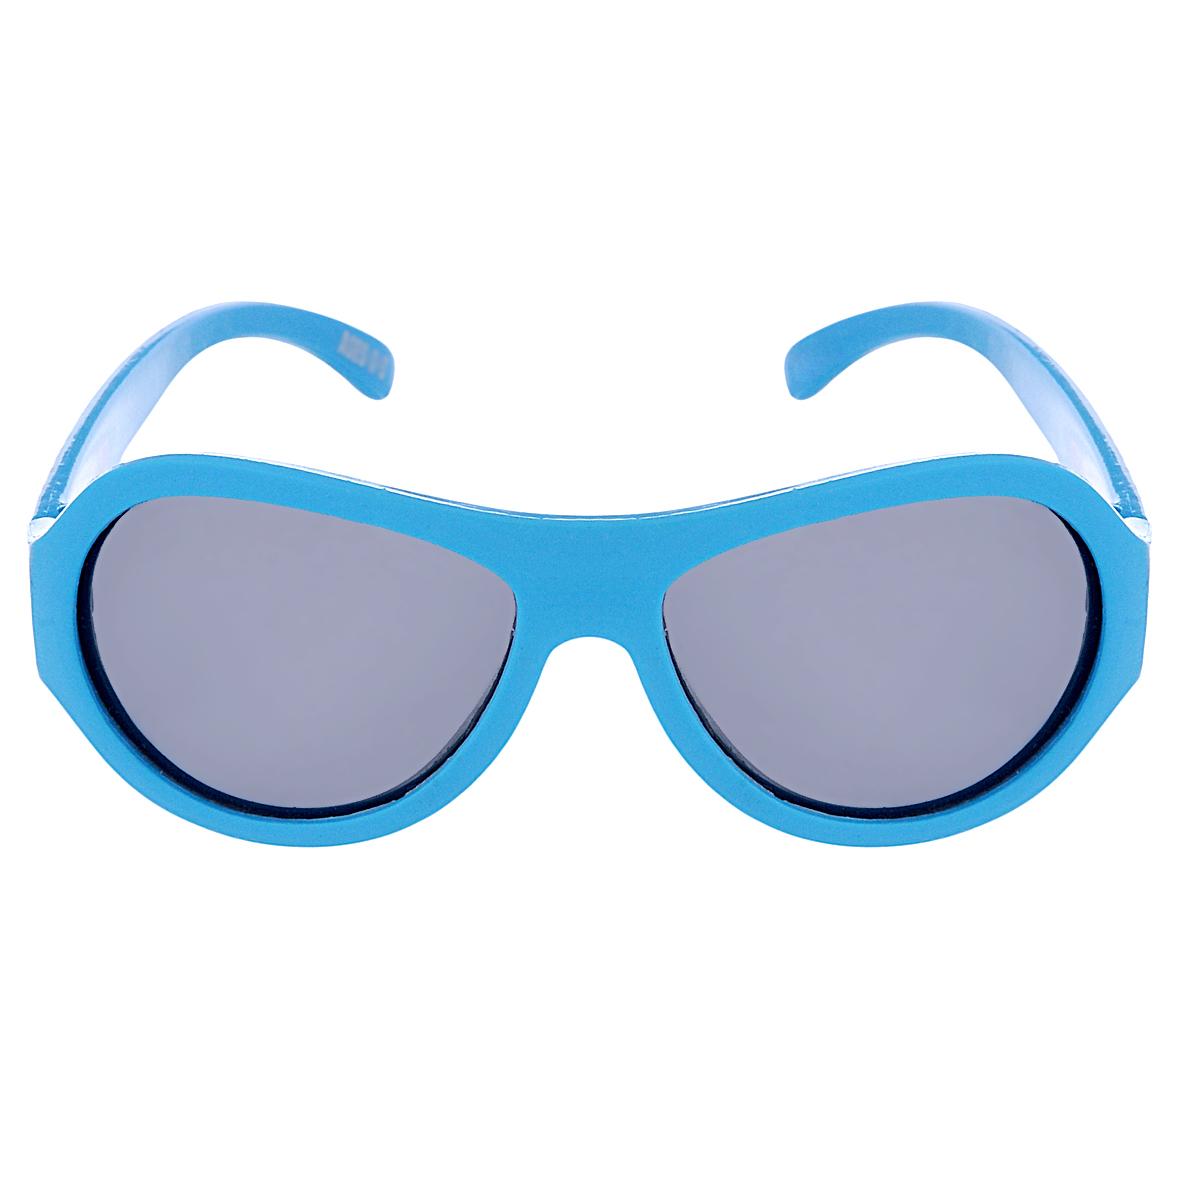 Детские солнцезащитные очки Babiators Сверхзвуковые полоски (Supersonic Stripes), поляризационные, с футляром, цвет: голубой, 0-3 летBAB-061Защита глаз всегда в моде. Вы делаете все возможное, чтобы ваши дети были здоровы и в безопасности. Шлемы для езды на велосипеде, солнцезащитный крем для прогулок на солнце... Но как насчёт влияния солнца на глазах вашего ребёнка? Правда в том, что сетчатка глаза у детей развивается вместе с самим ребёнком. Это означает, что глаза малышей не могут отфильтровать УФ-излучение. Добавьте к этому тот факт, что дети за год получают трёхкратную дозу солнечного воздействия на взрослого человека (доклад Vision Council Report 2013, США). Проблема понятна - детям нужна настоящая защита, чтобы глазки были в безопасности, а зрение сильным. Каждая пара солнцезащитных очков Babiators для детей обеспечивает 100% защиту от UVA и UVB. Прочные линзы высшего качества не подведут в самых сложных переделках. В отличие от обычных пластиковых очков, оправа Babiators выполнена из гибкого прорезиненного материала, что делает их ударопрочными, их можно сгибать и крутить - они не сломаются и вернутся в...